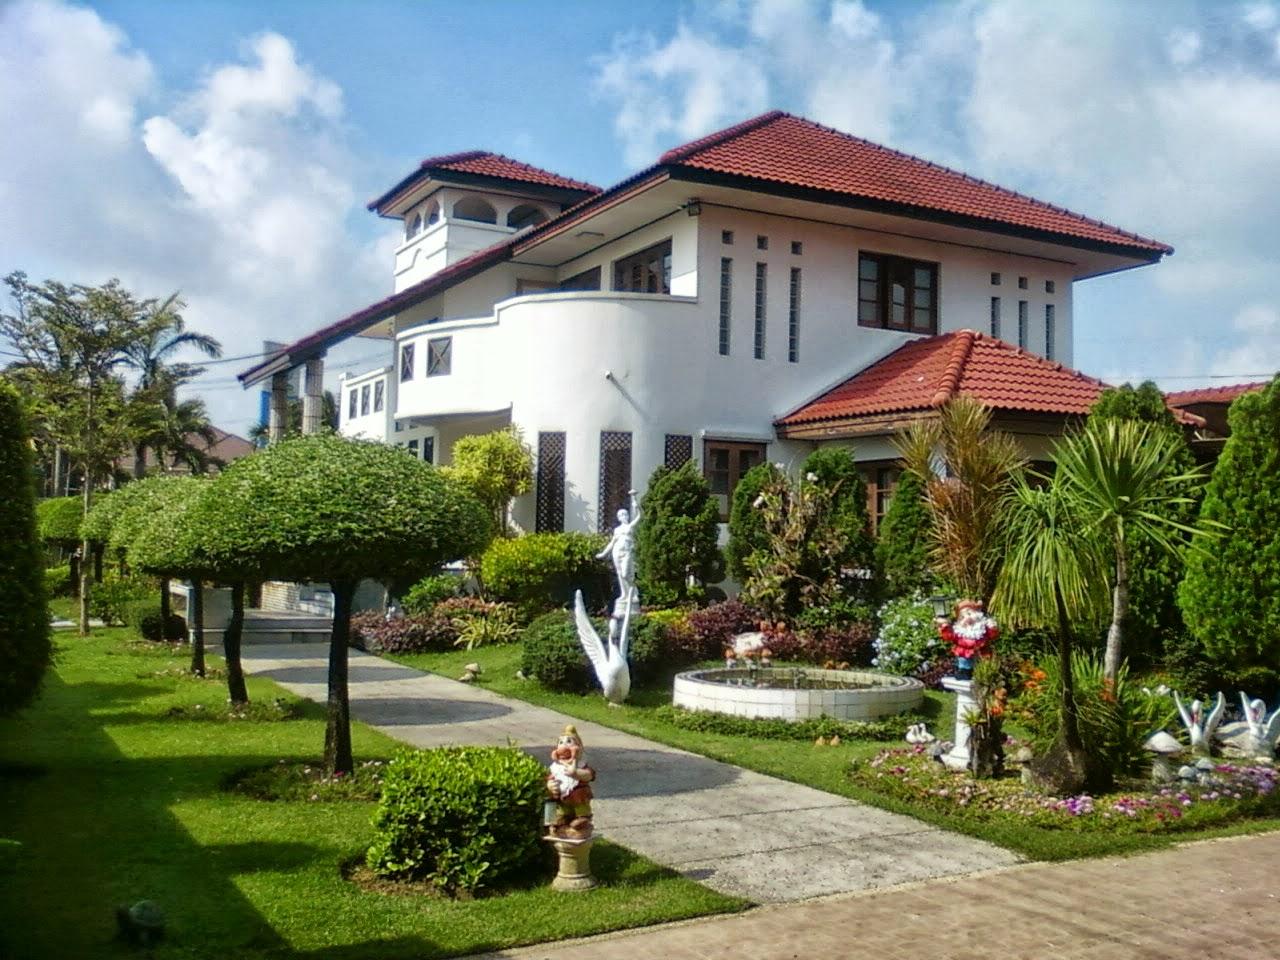 Desain Rumah Mewah Minimalis Modern Terbaik - Desain Rumah ...